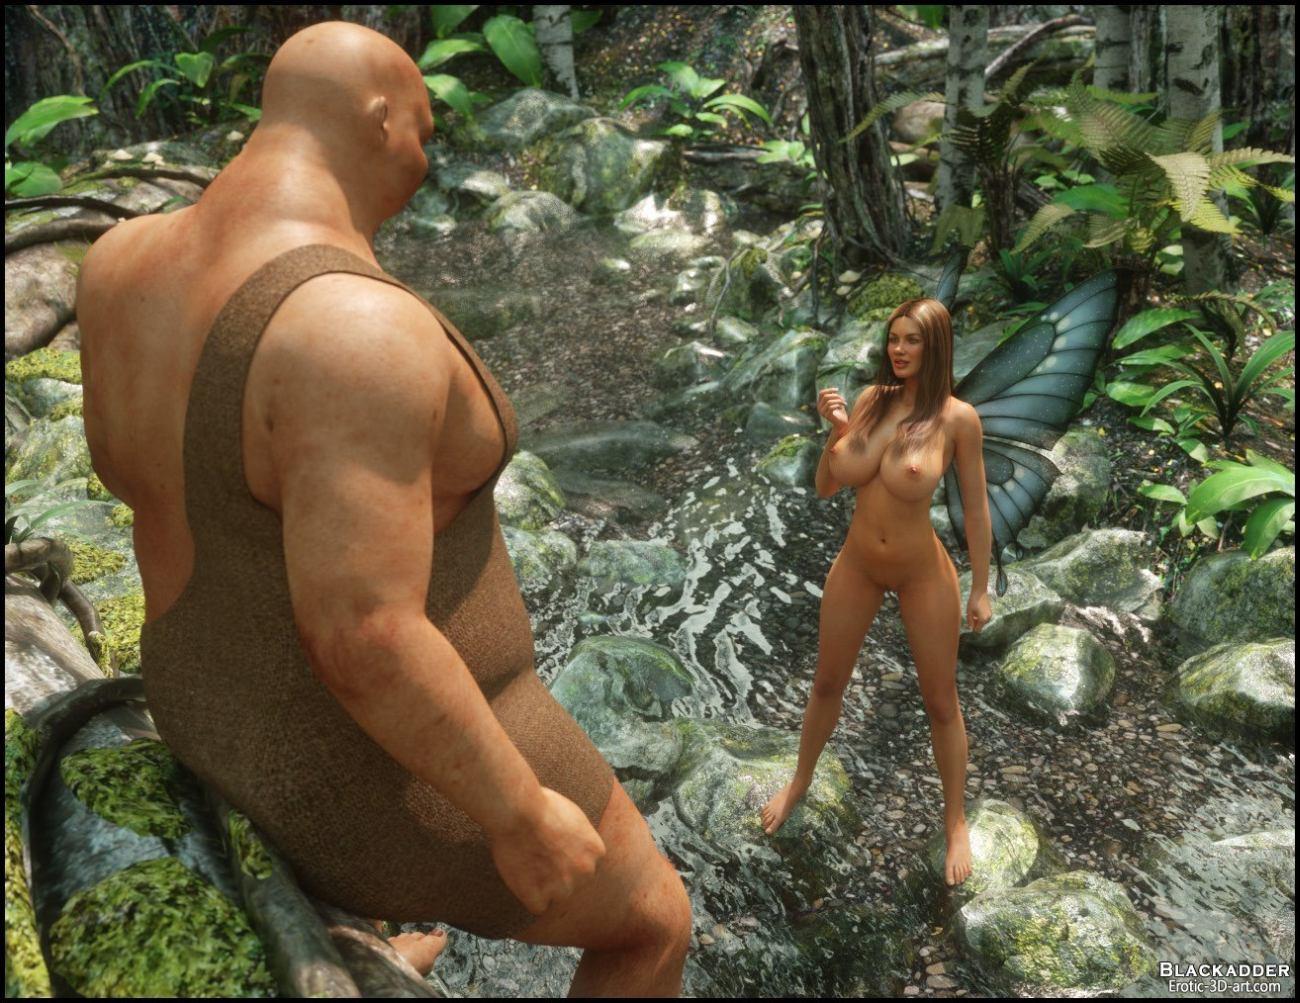 Mariska hargitay nude pics